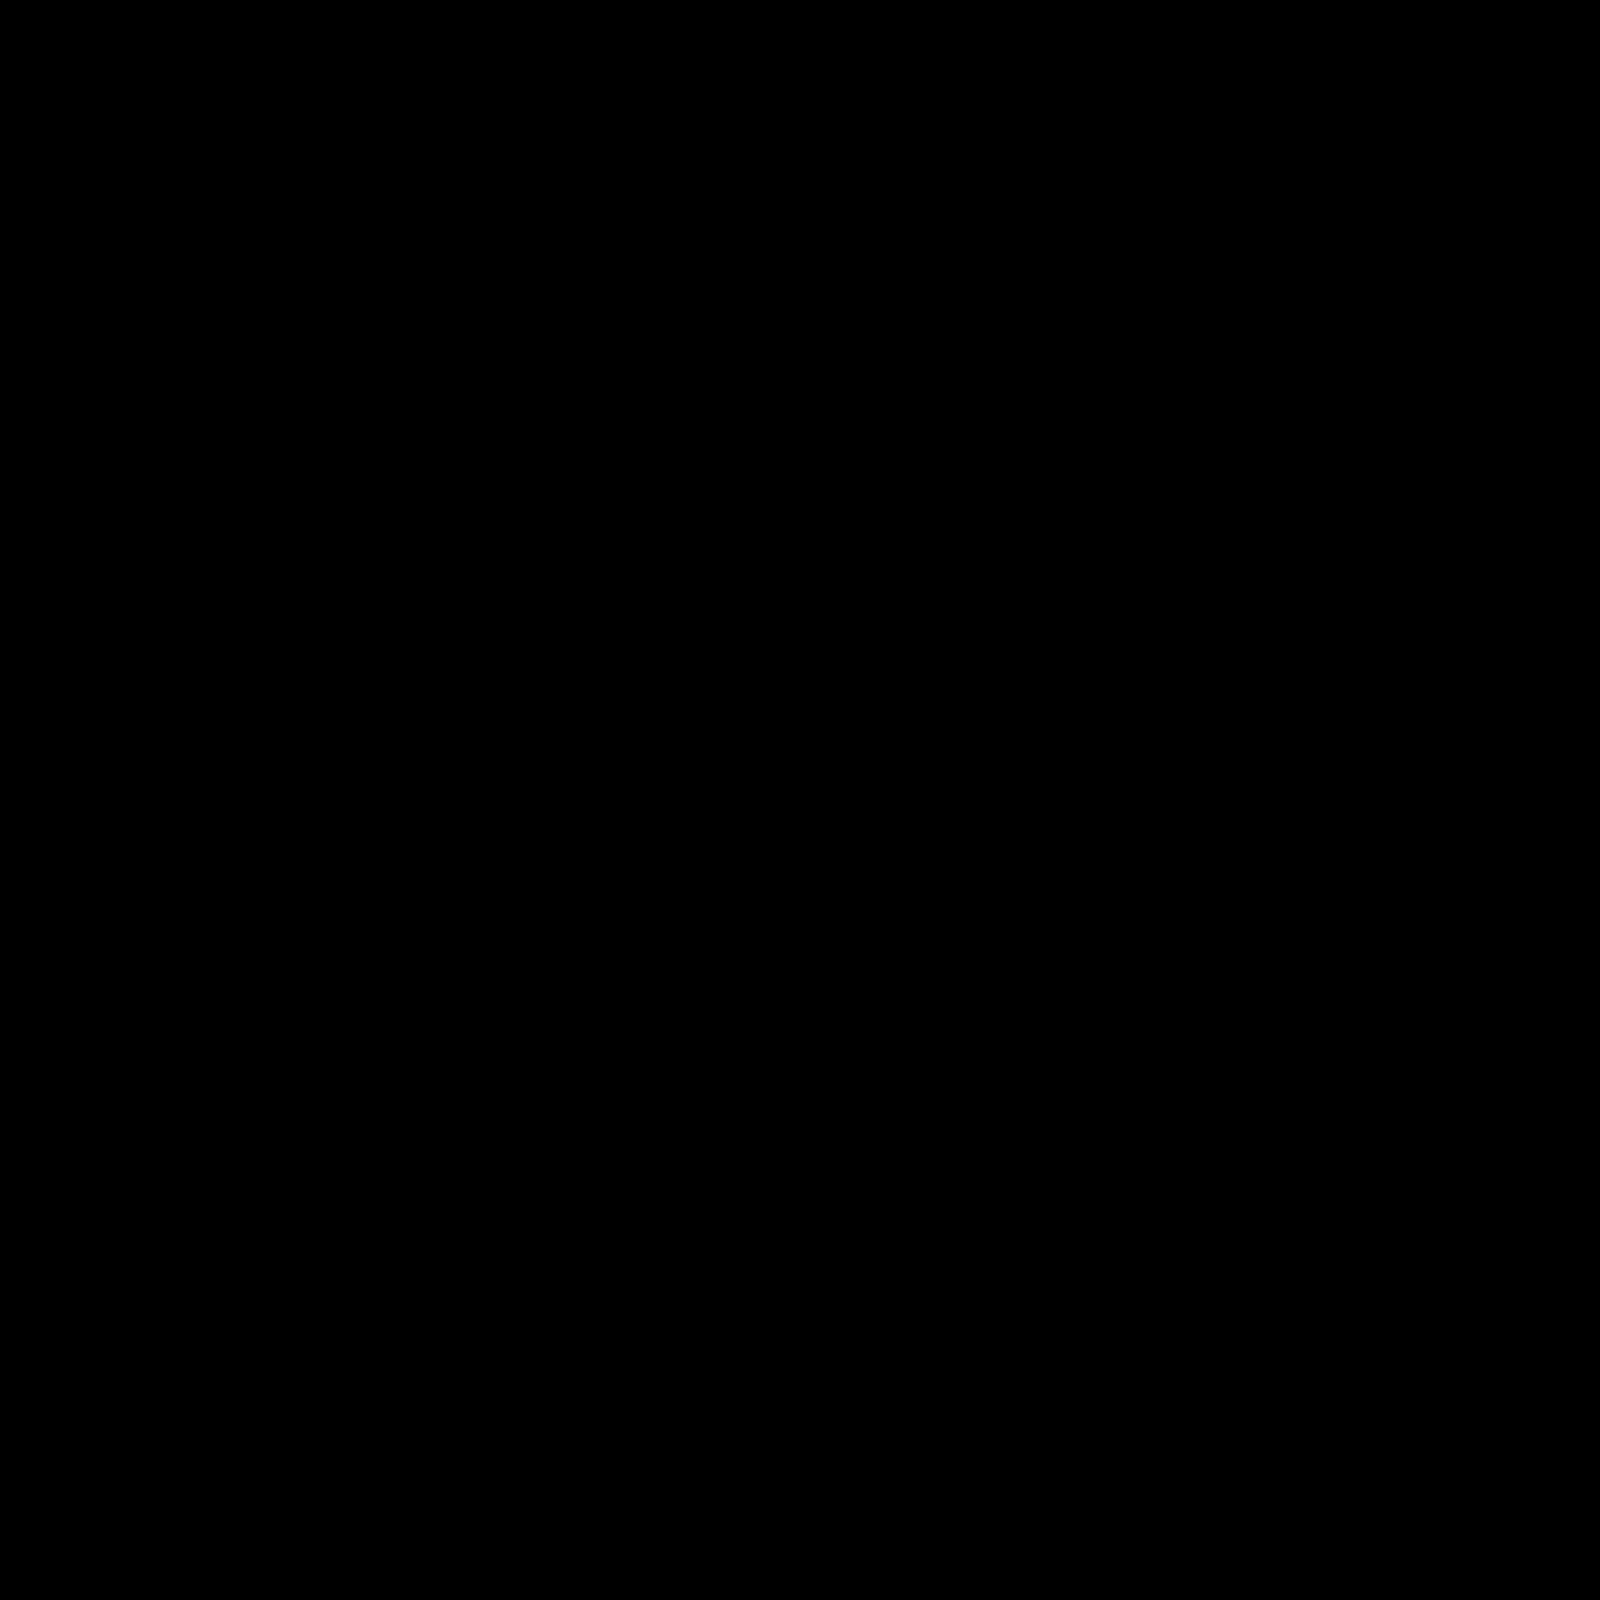 Dns icon